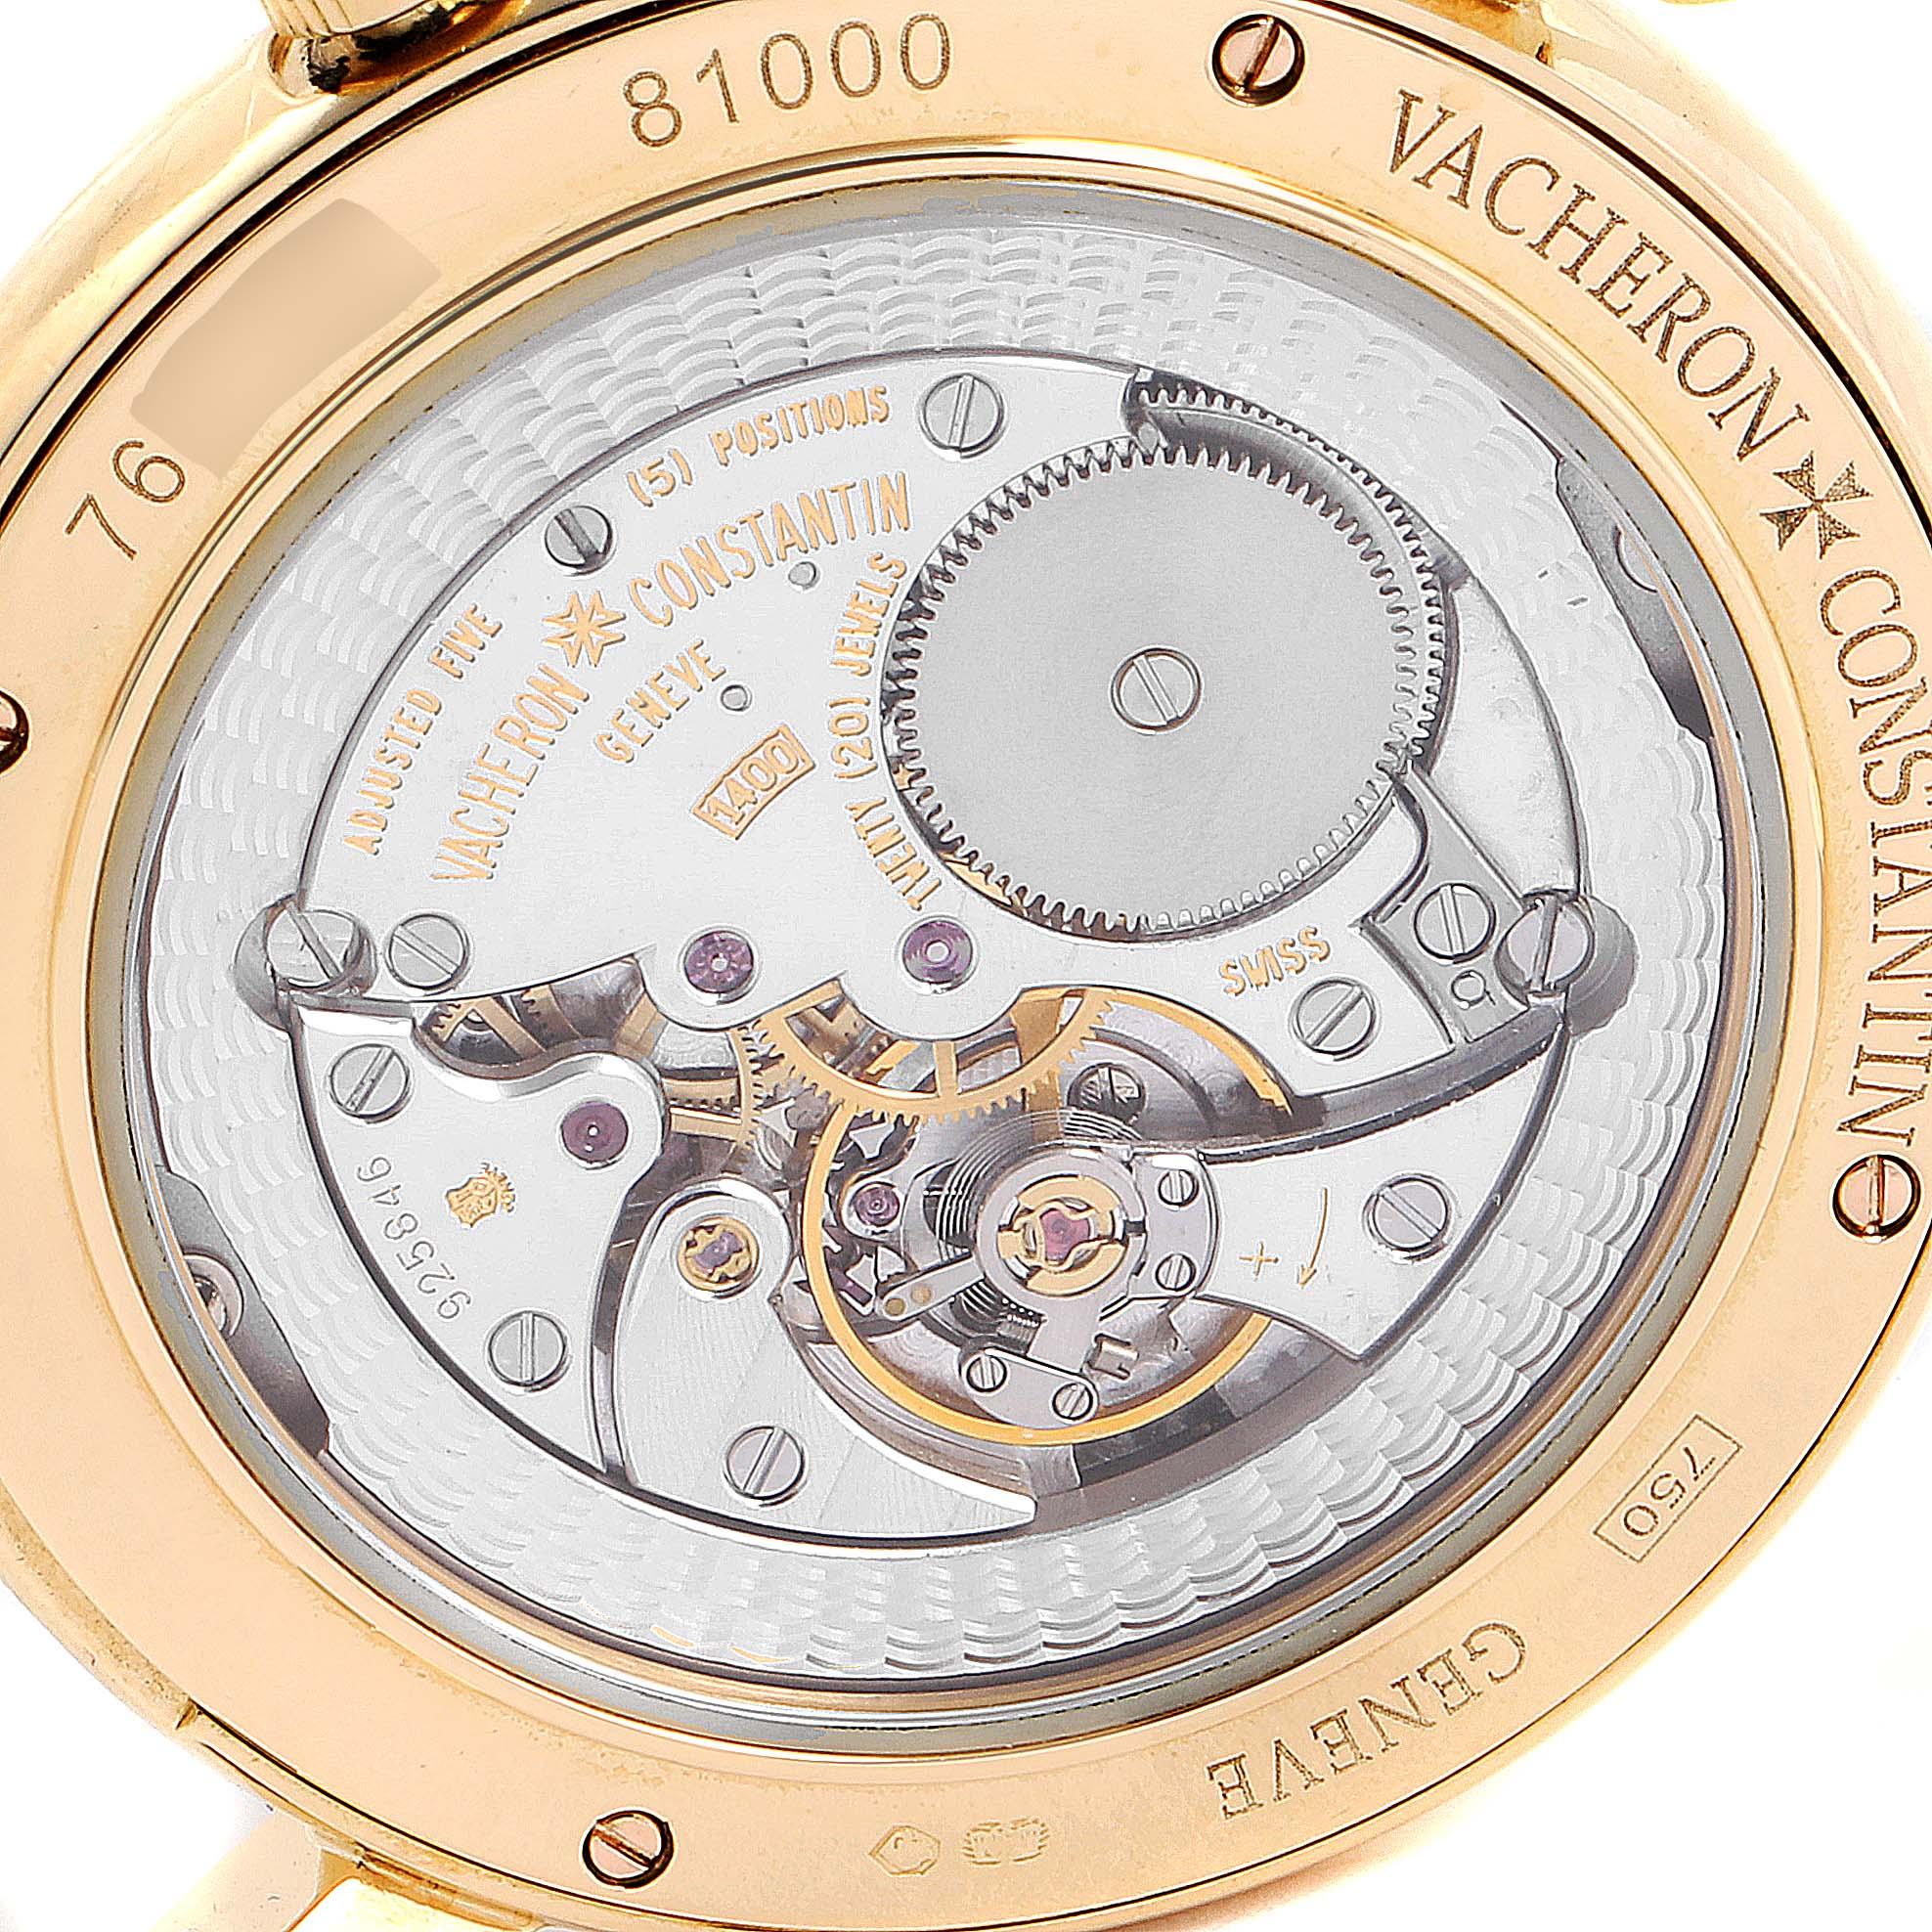 Vacheron Constantin Malte Grande Classique Yellow Gold Mens Watch 81000 SwissWatchExpo